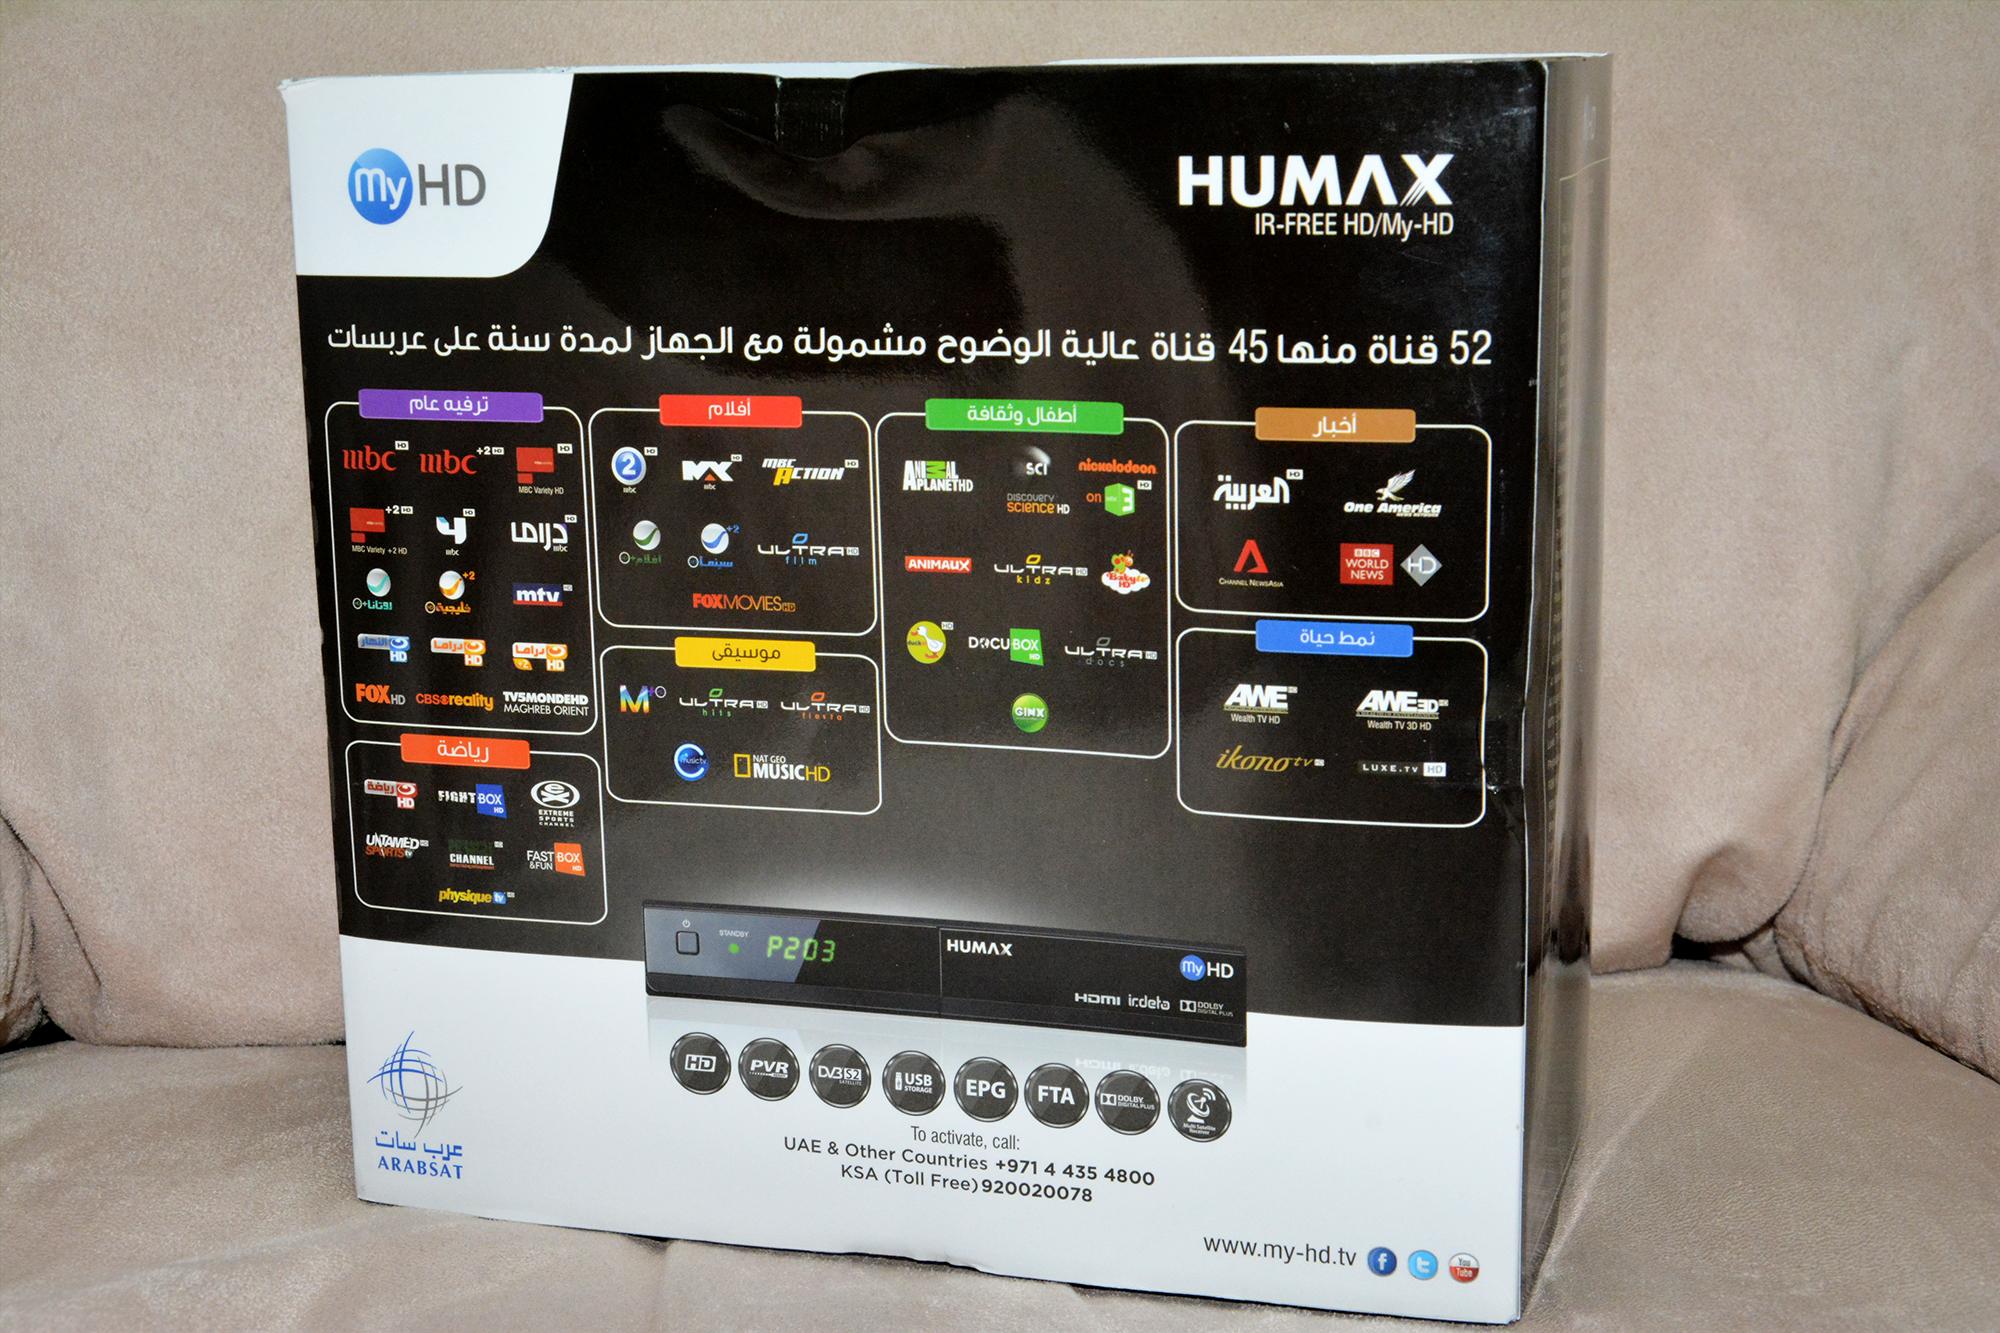 هيوماكس My-HD-1